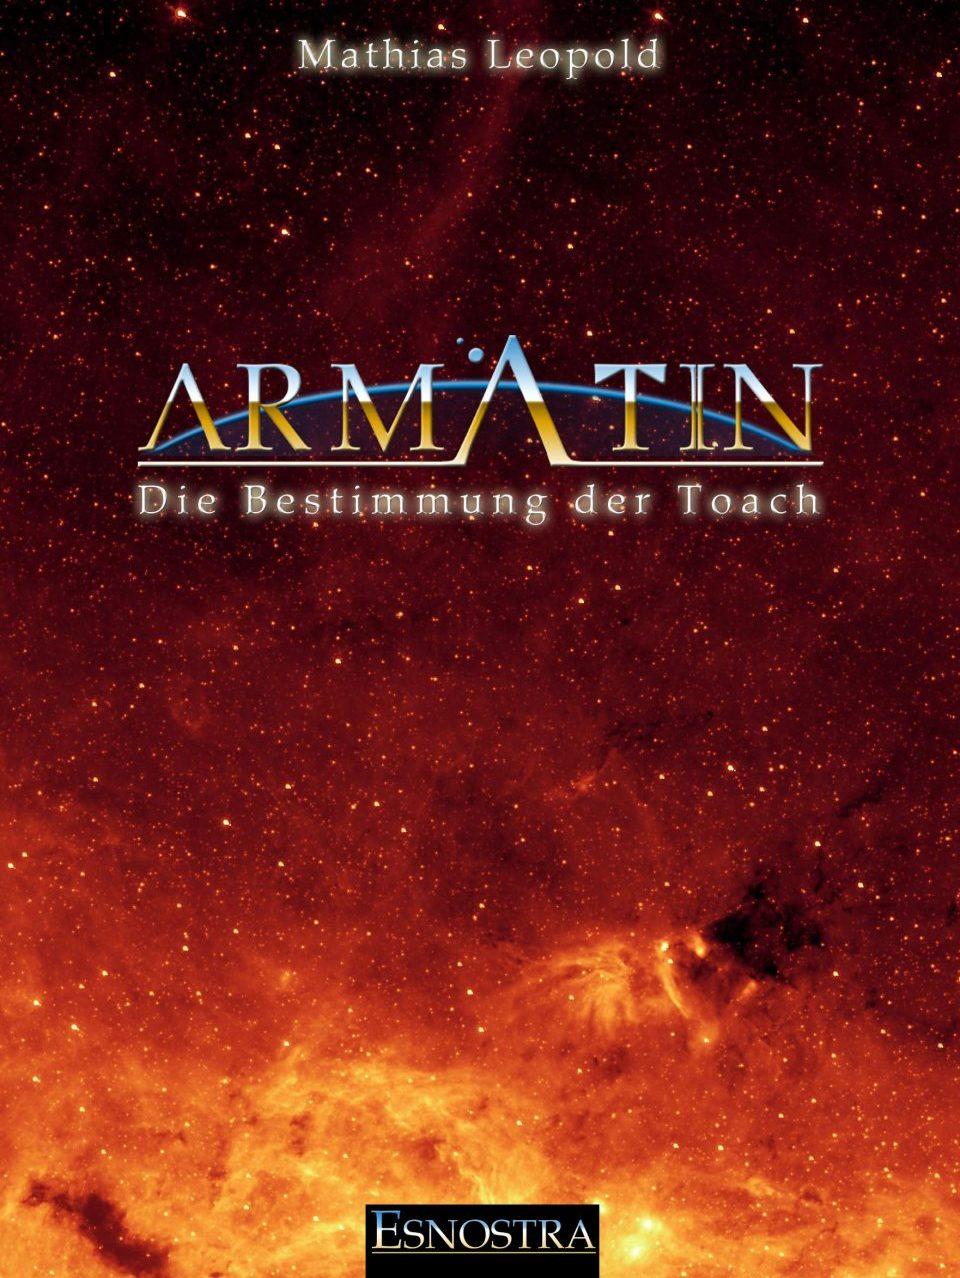 Das dritte Buch des Armatin Science-Fiction Projekts: Die Bestimmung der Toach